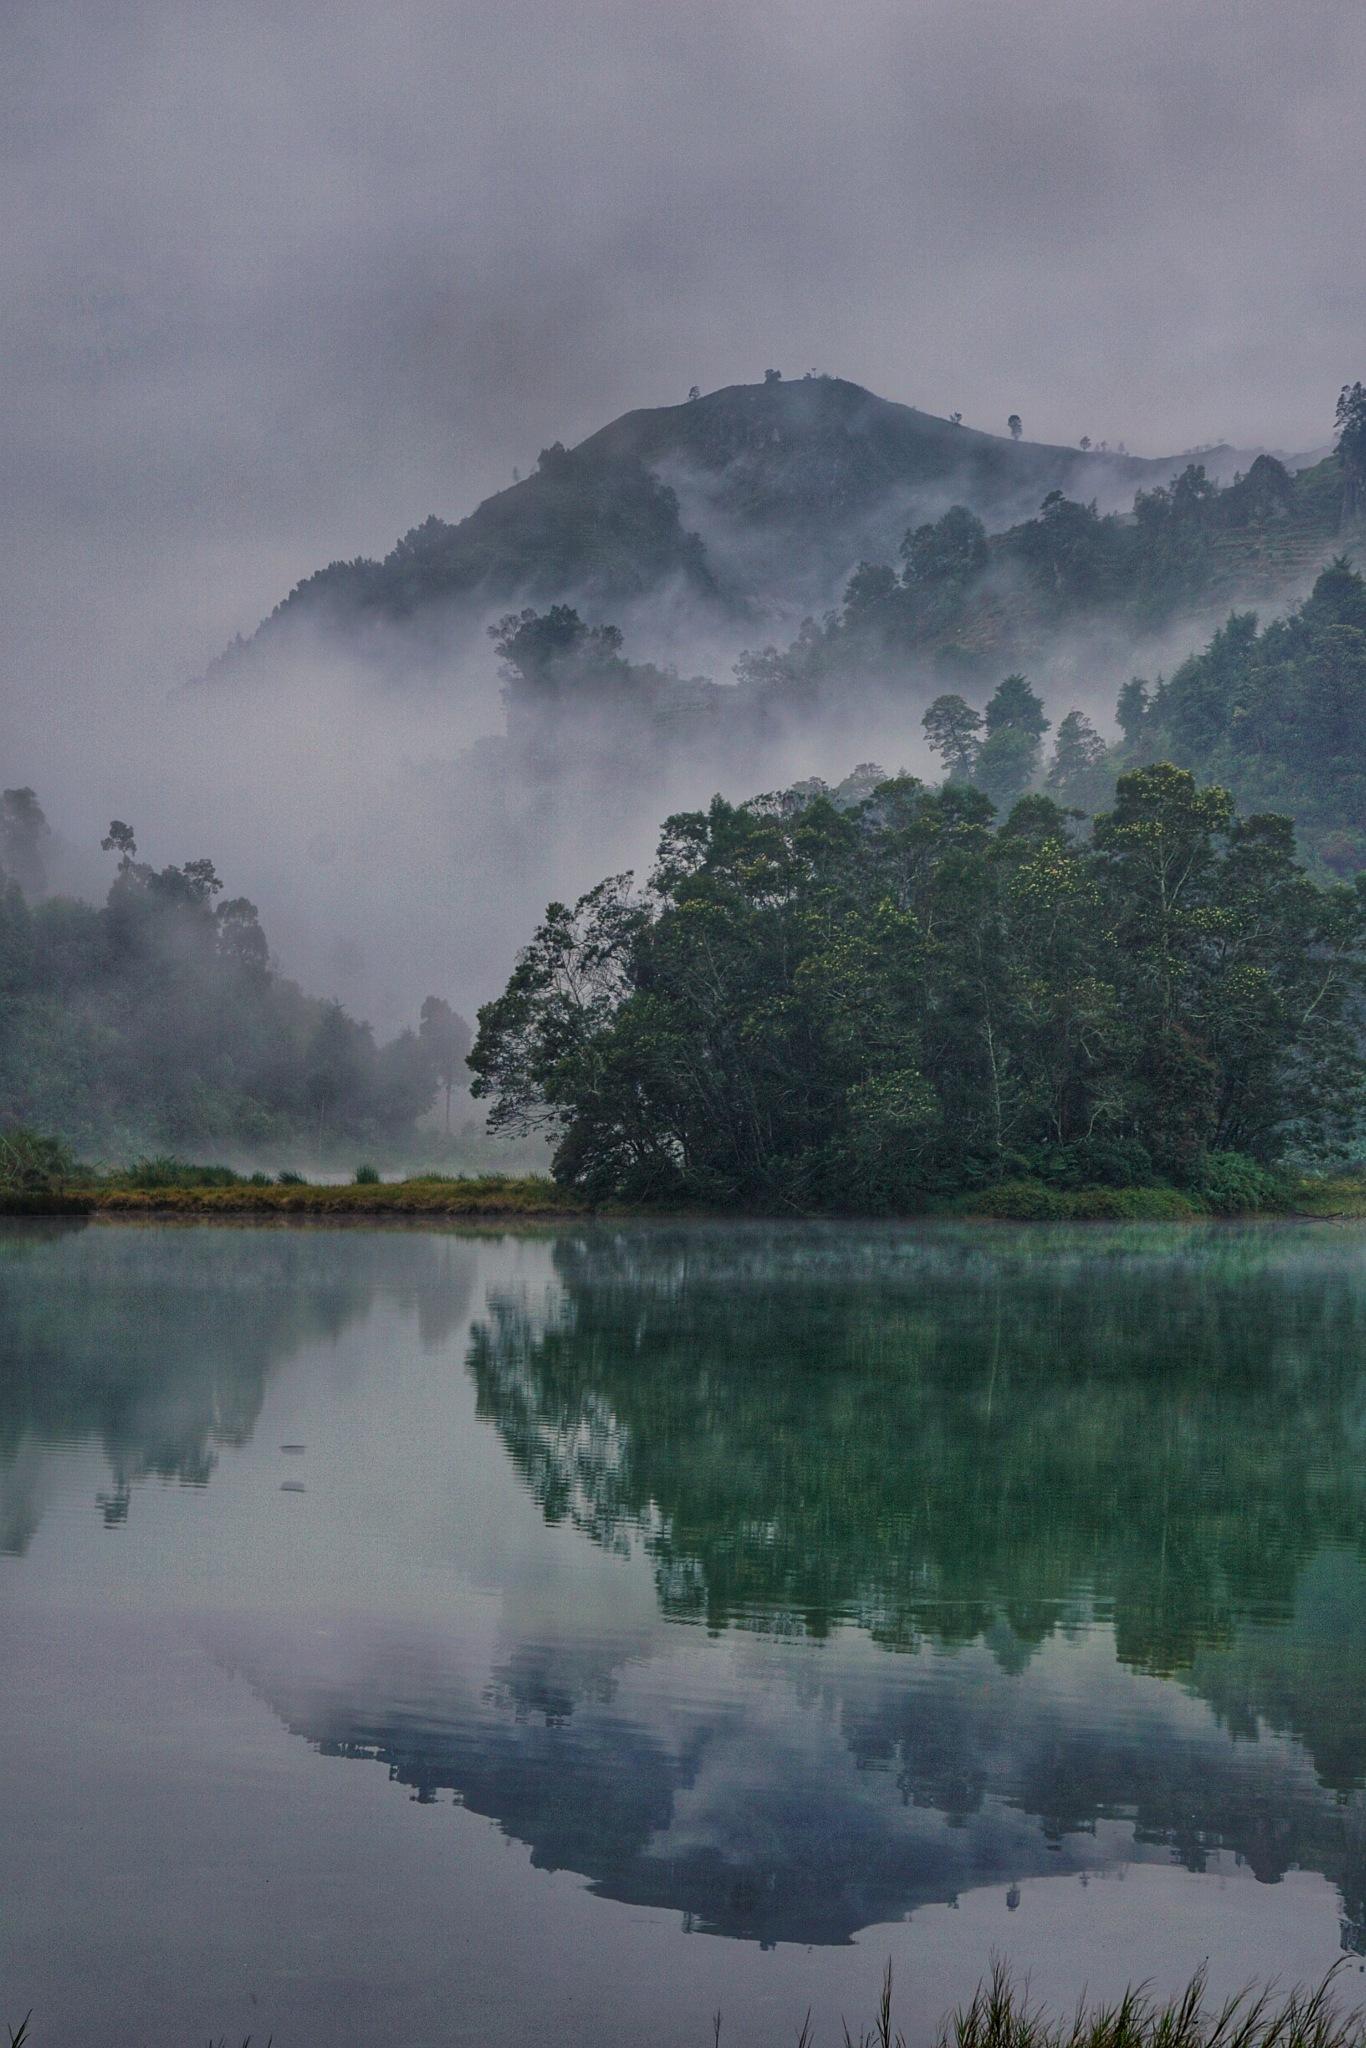 I love indonesia by Thoriqul Khoiri